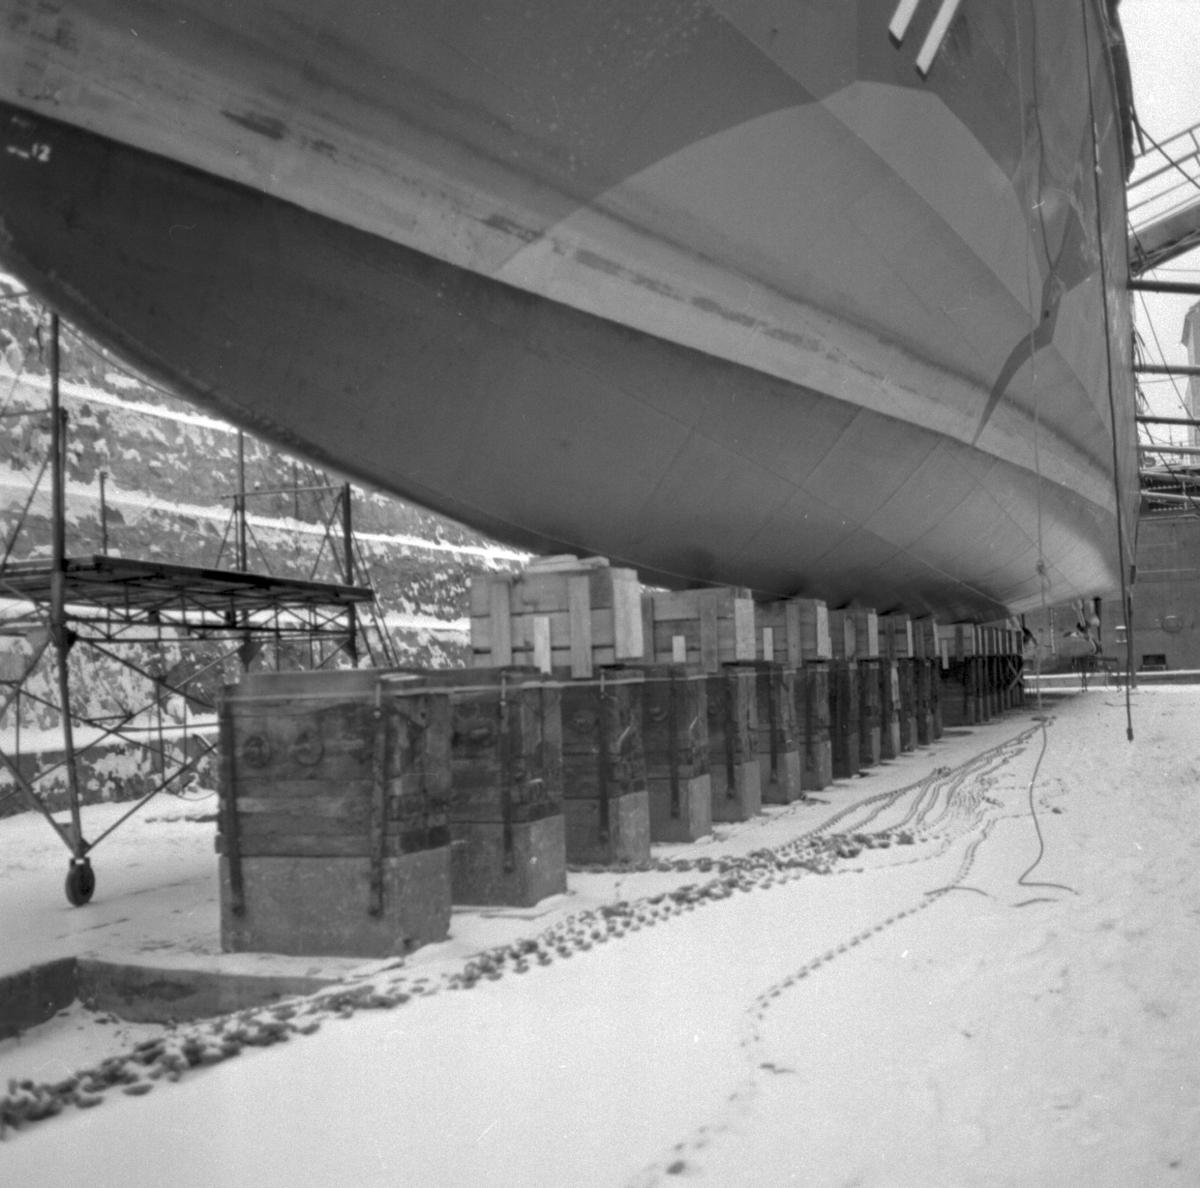 Stockholm Kustkorvetten Stockholm på kölblock i docka 1\\\\anm. neg ingår i ens erie om 4 varav endast det första\\V 102558 scannats/gp